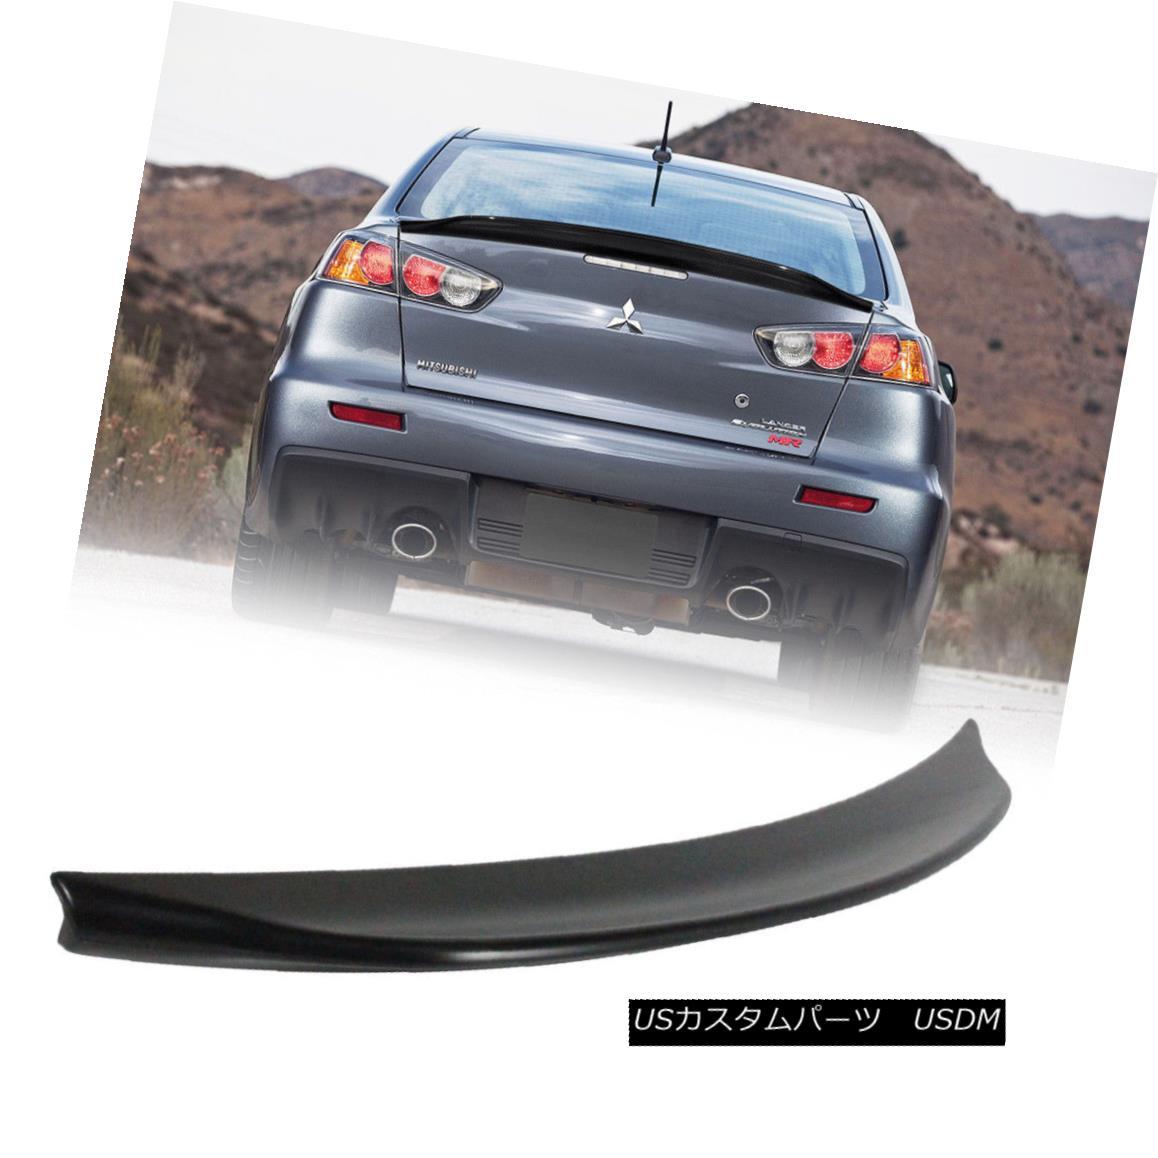 エアロパーツ 08-15 For Mitsubishi Lancer Evolution EVO X RS Style Trunk Spoiler Unpaint ABS 08-15三菱ランサーエボリューションEVO X RSスタイルトランクスポイラー無塗装ABS